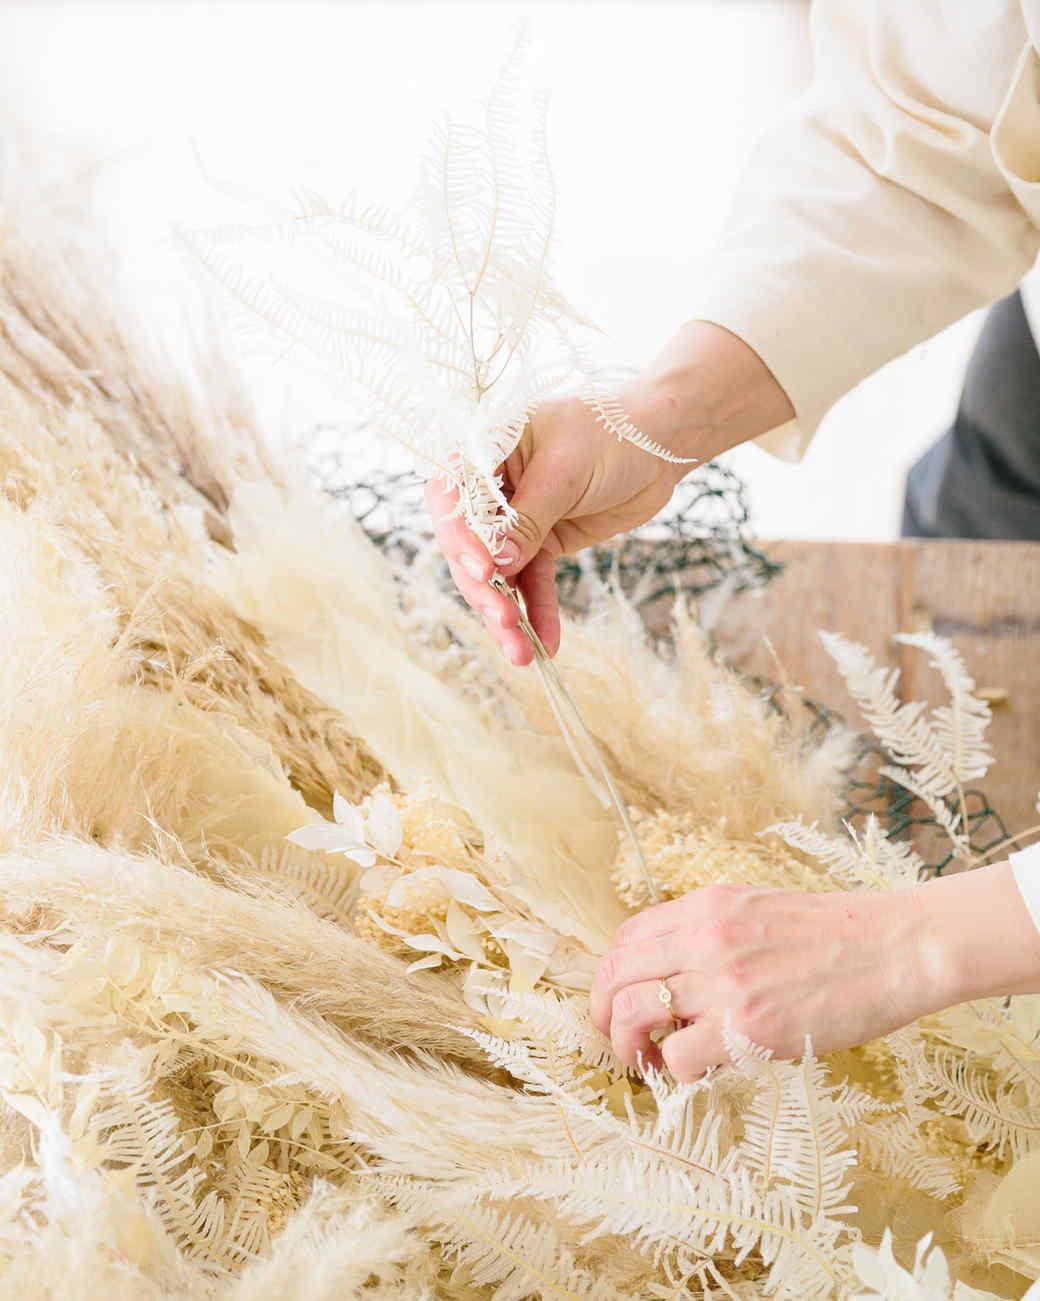 hands attaching pampas grass to chicken wire